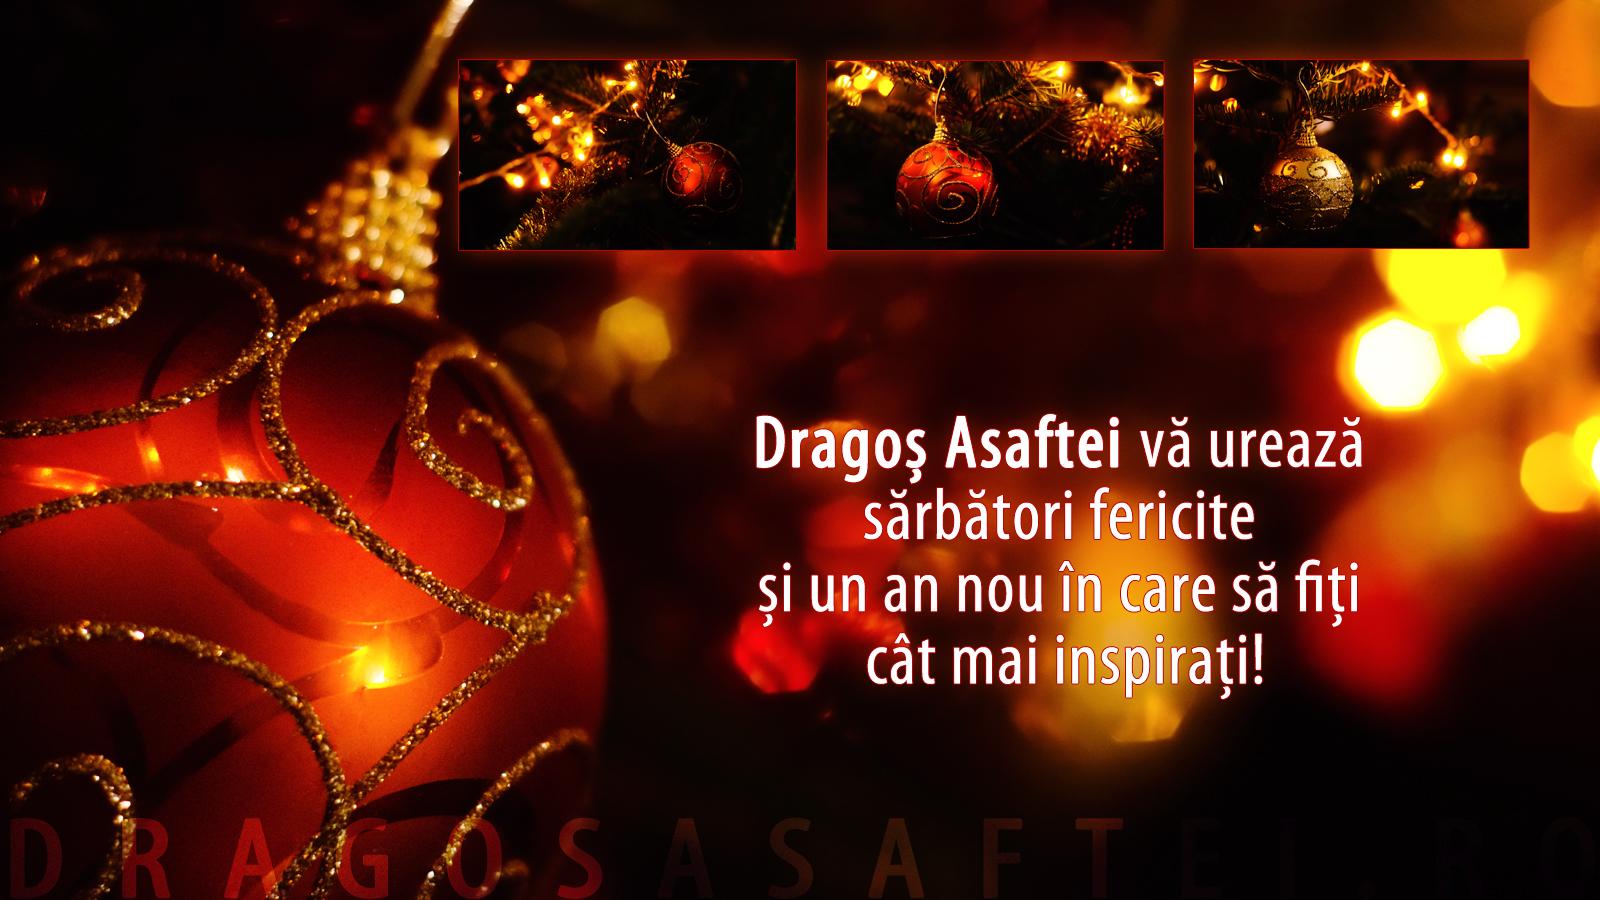 Dragoș Asaftei vă urează sărbători fericite!